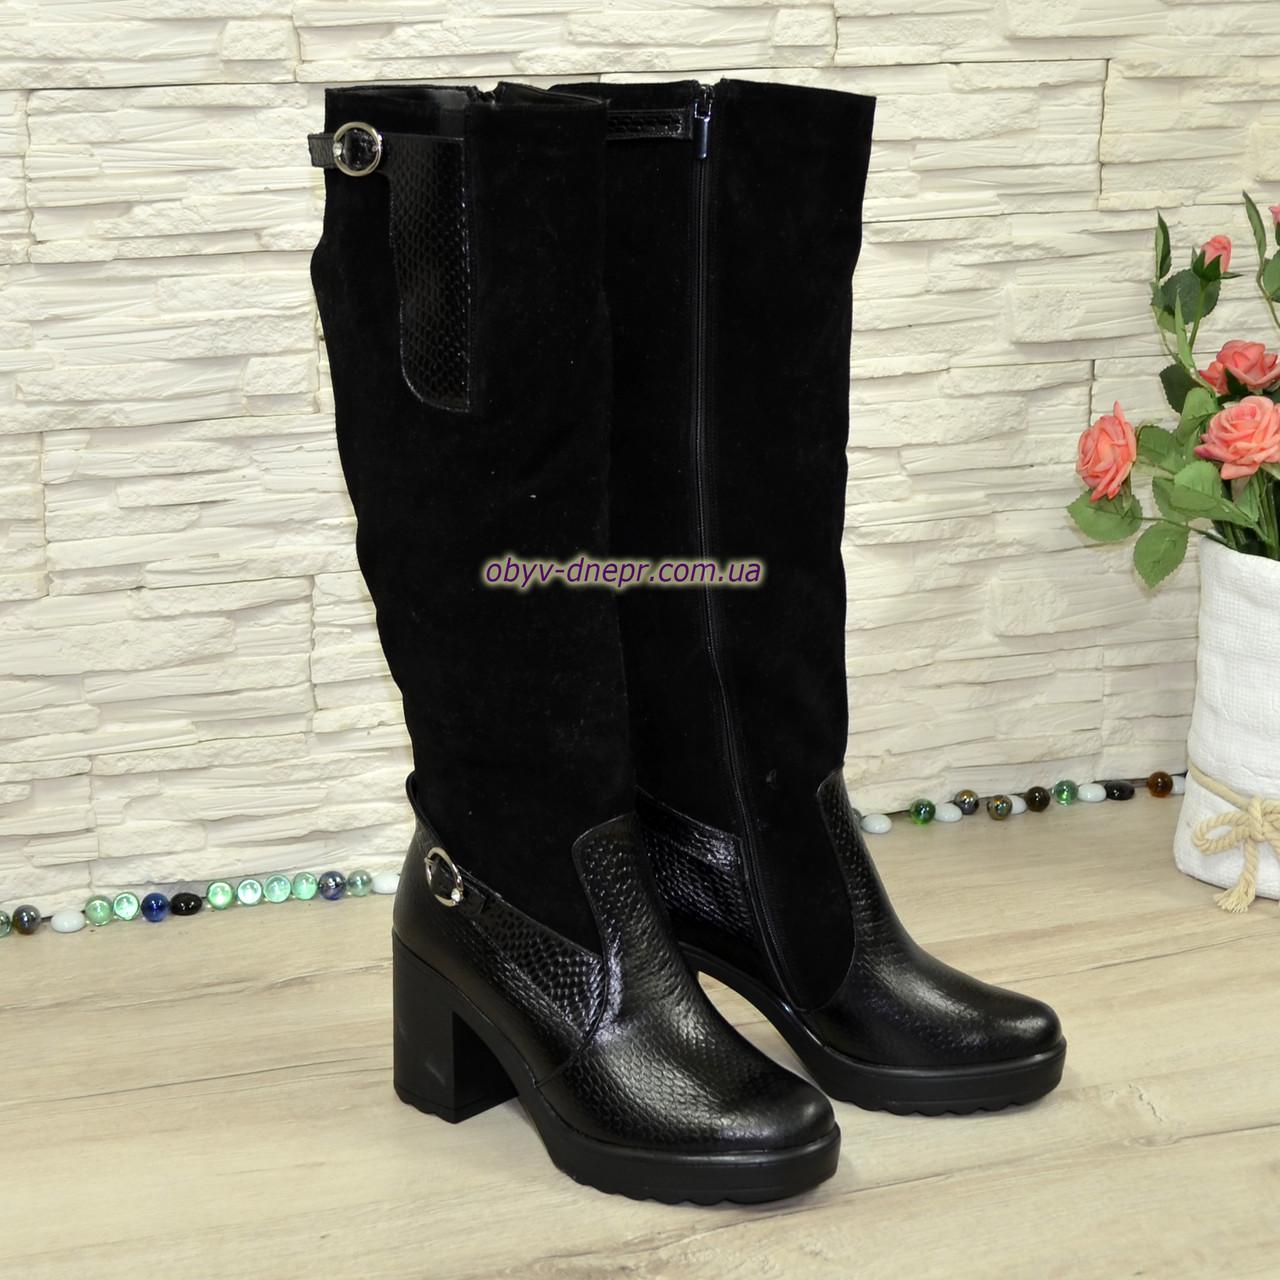 cc9180f26 Женские зимние высокие стильные сапоги, натуральный замш+кожа крокодил+камни